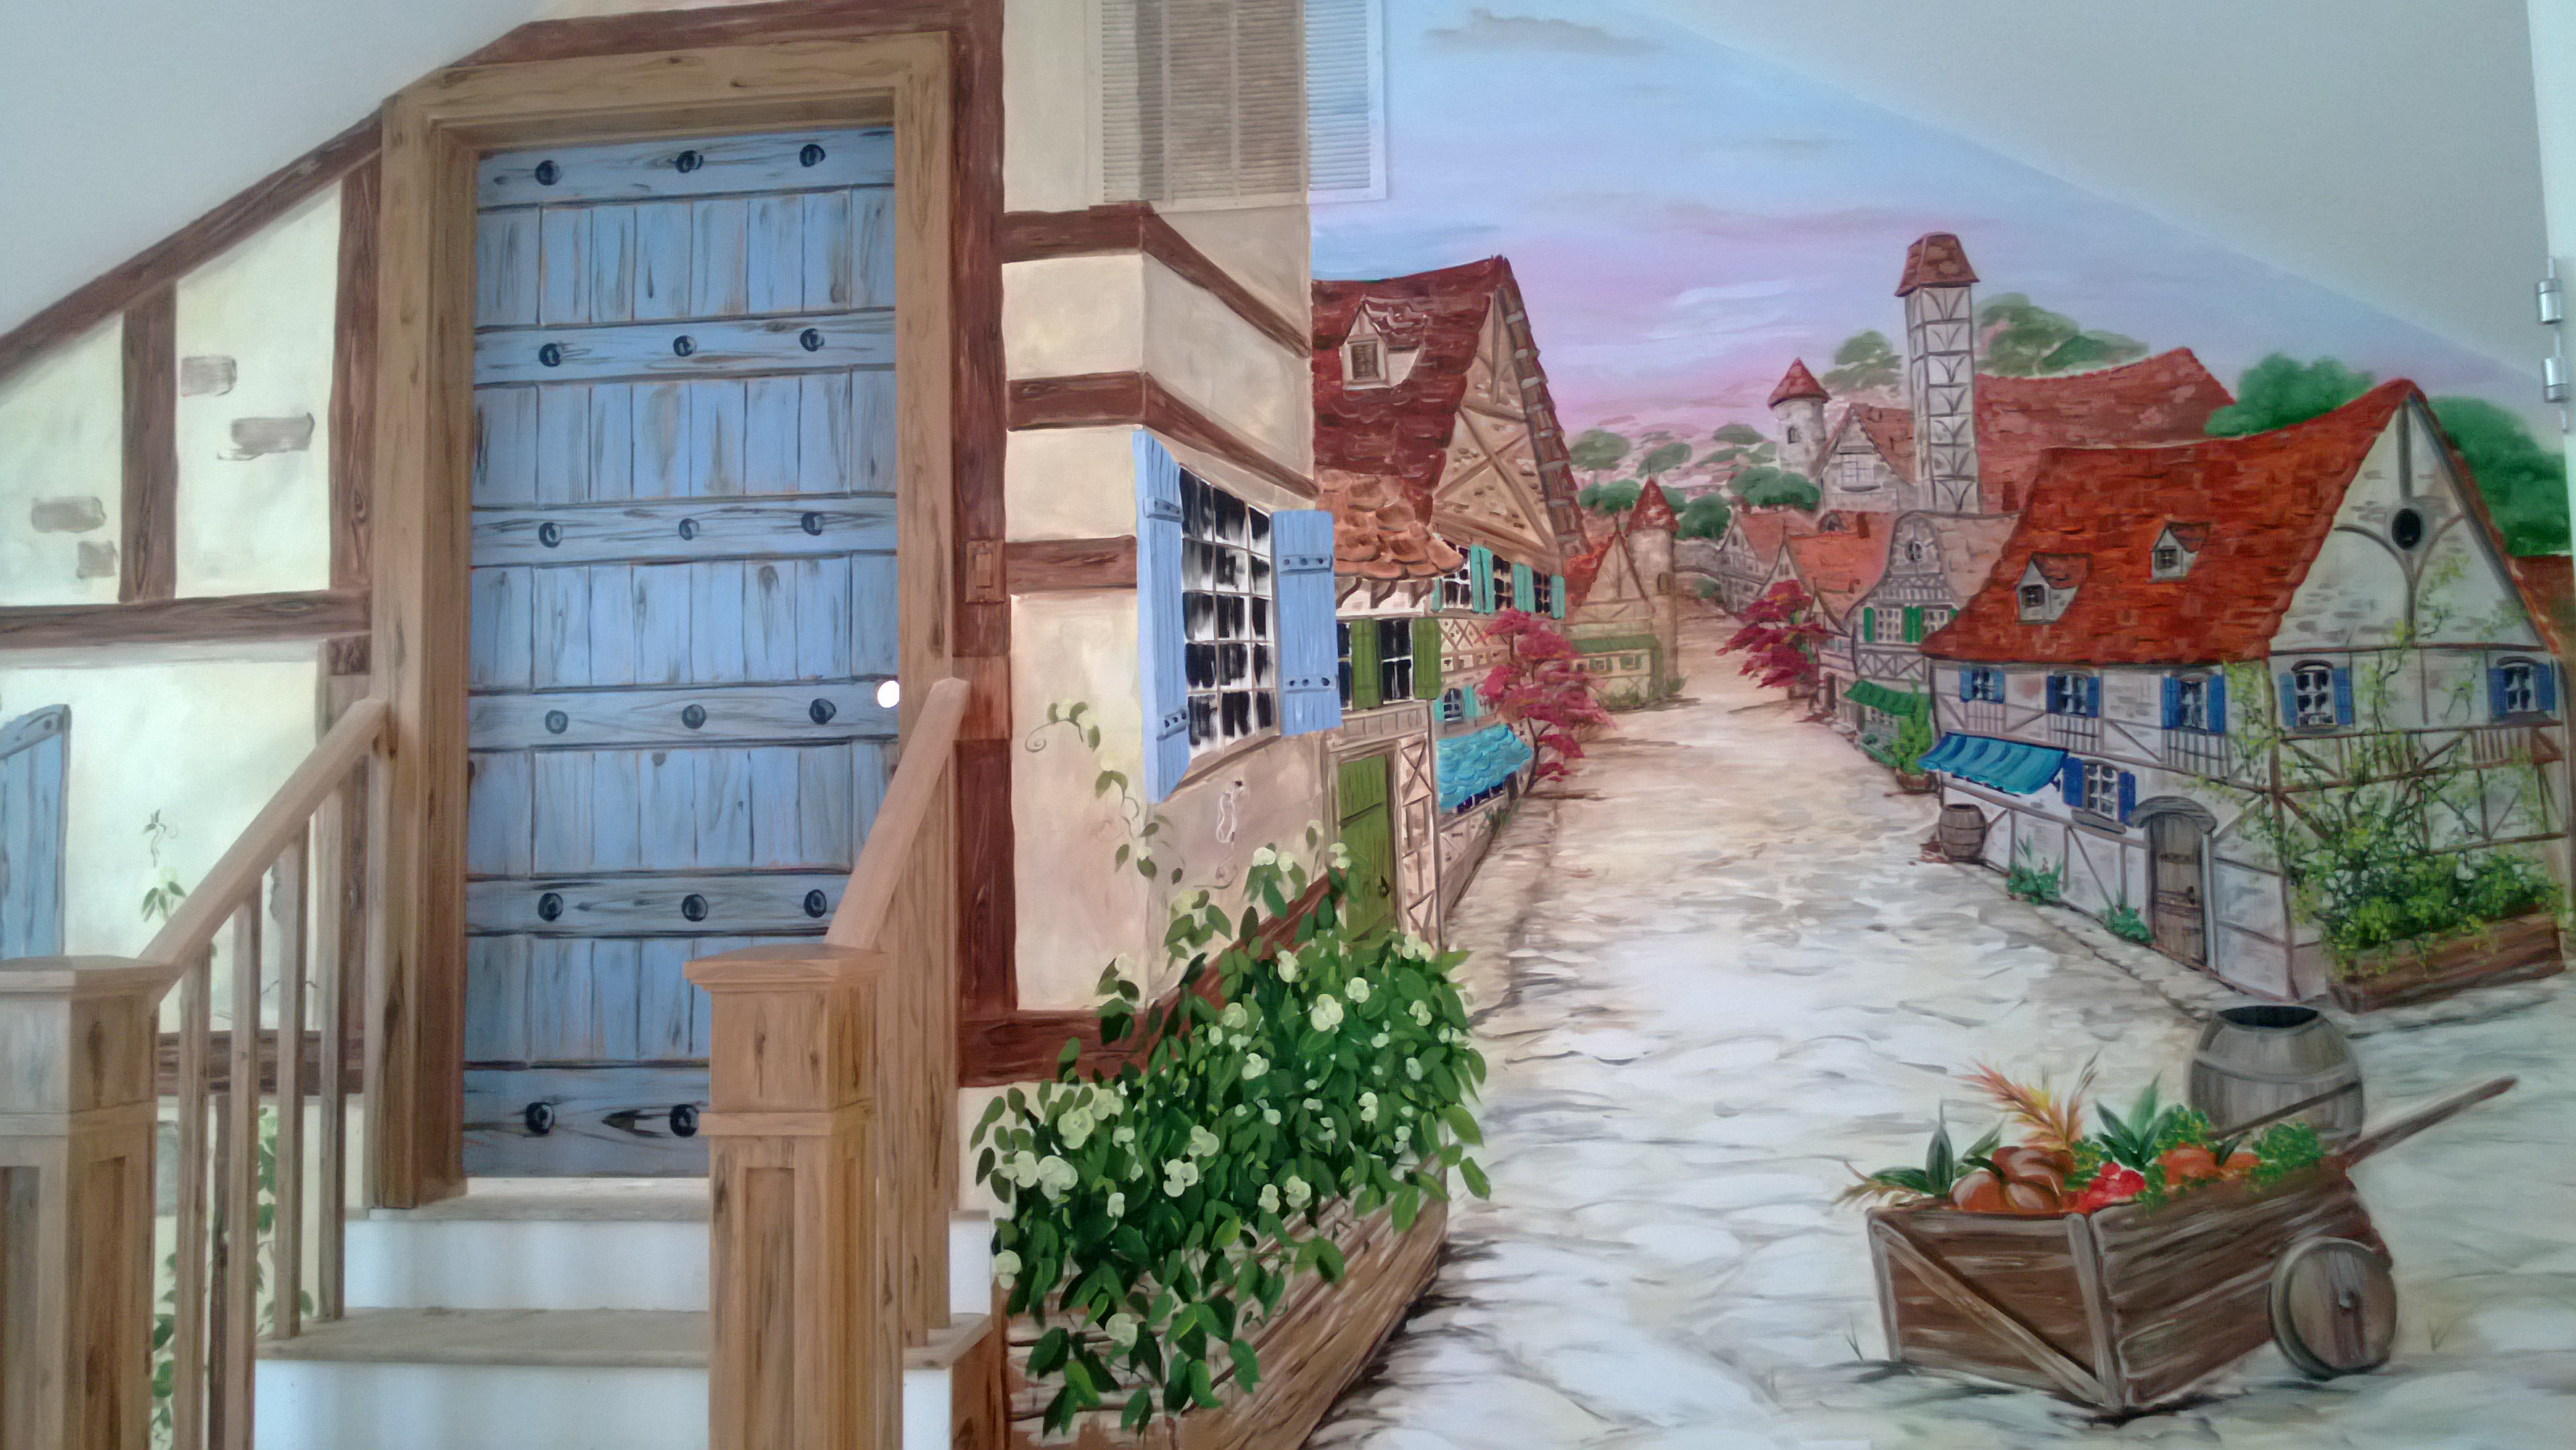 Belle's Quiet Village Mural